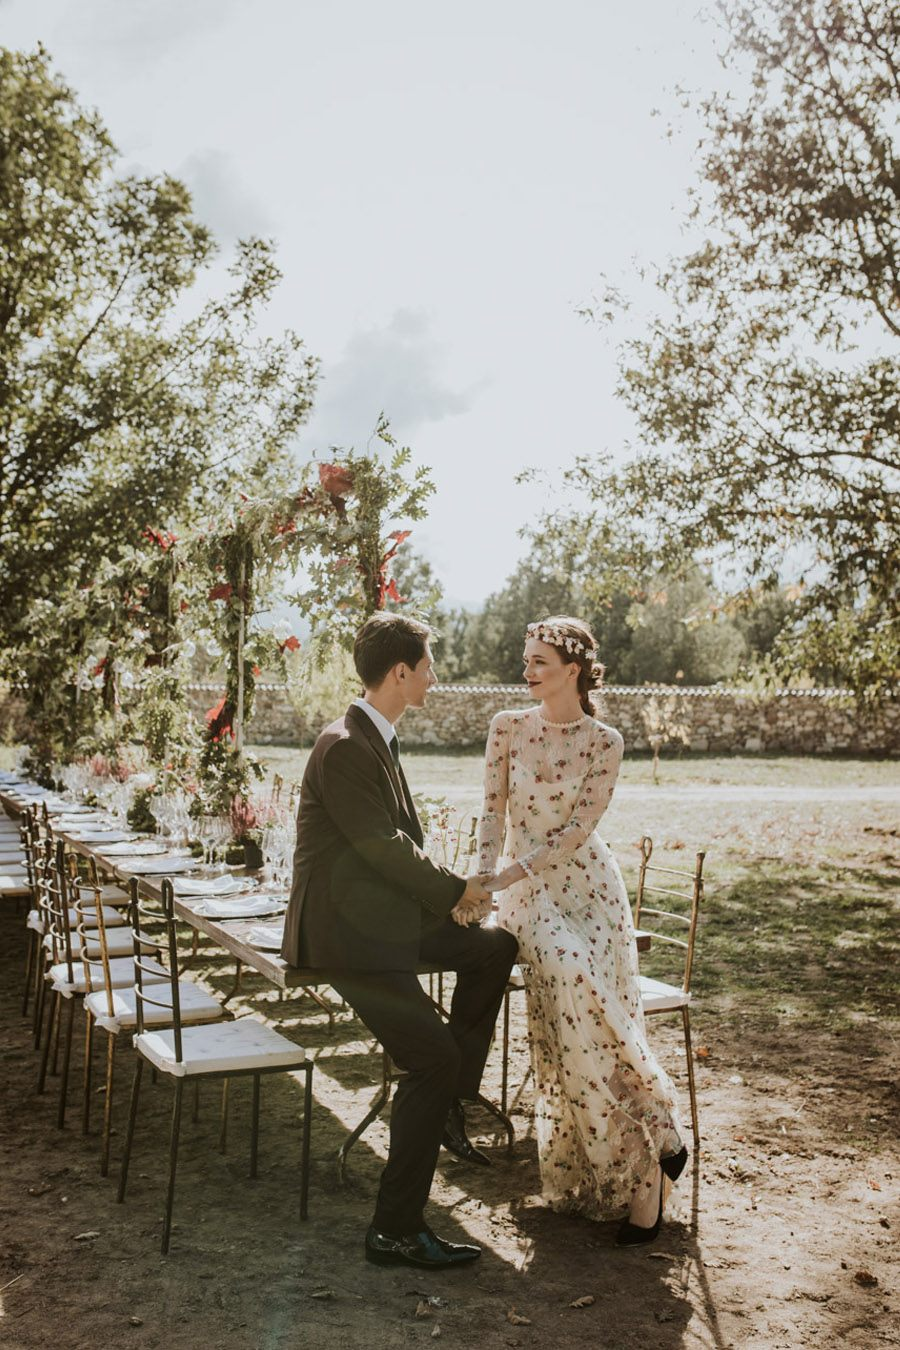 LOS TOCADOS ARTESANALES DE DIGOCCA boda-otoño-deco